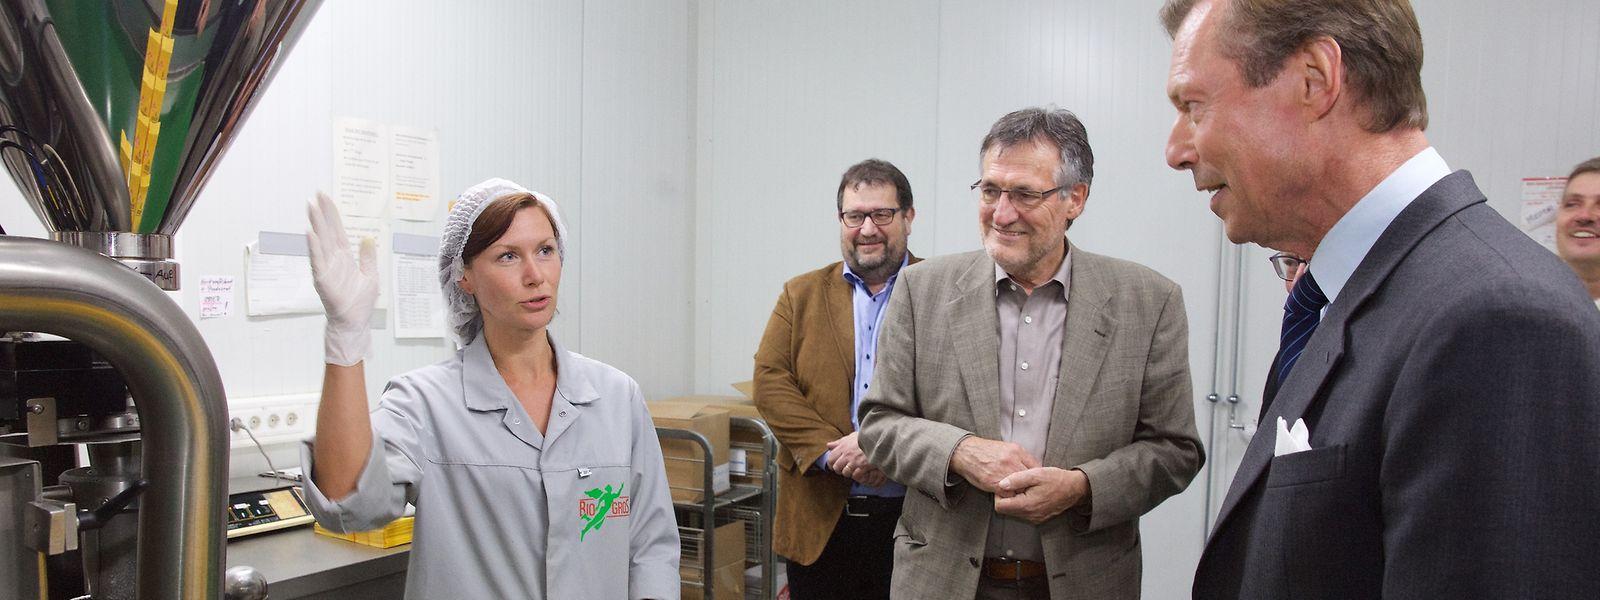 Une employée de Biogros S.A. montre le fonctionnement de la machine qui met les farines en sac